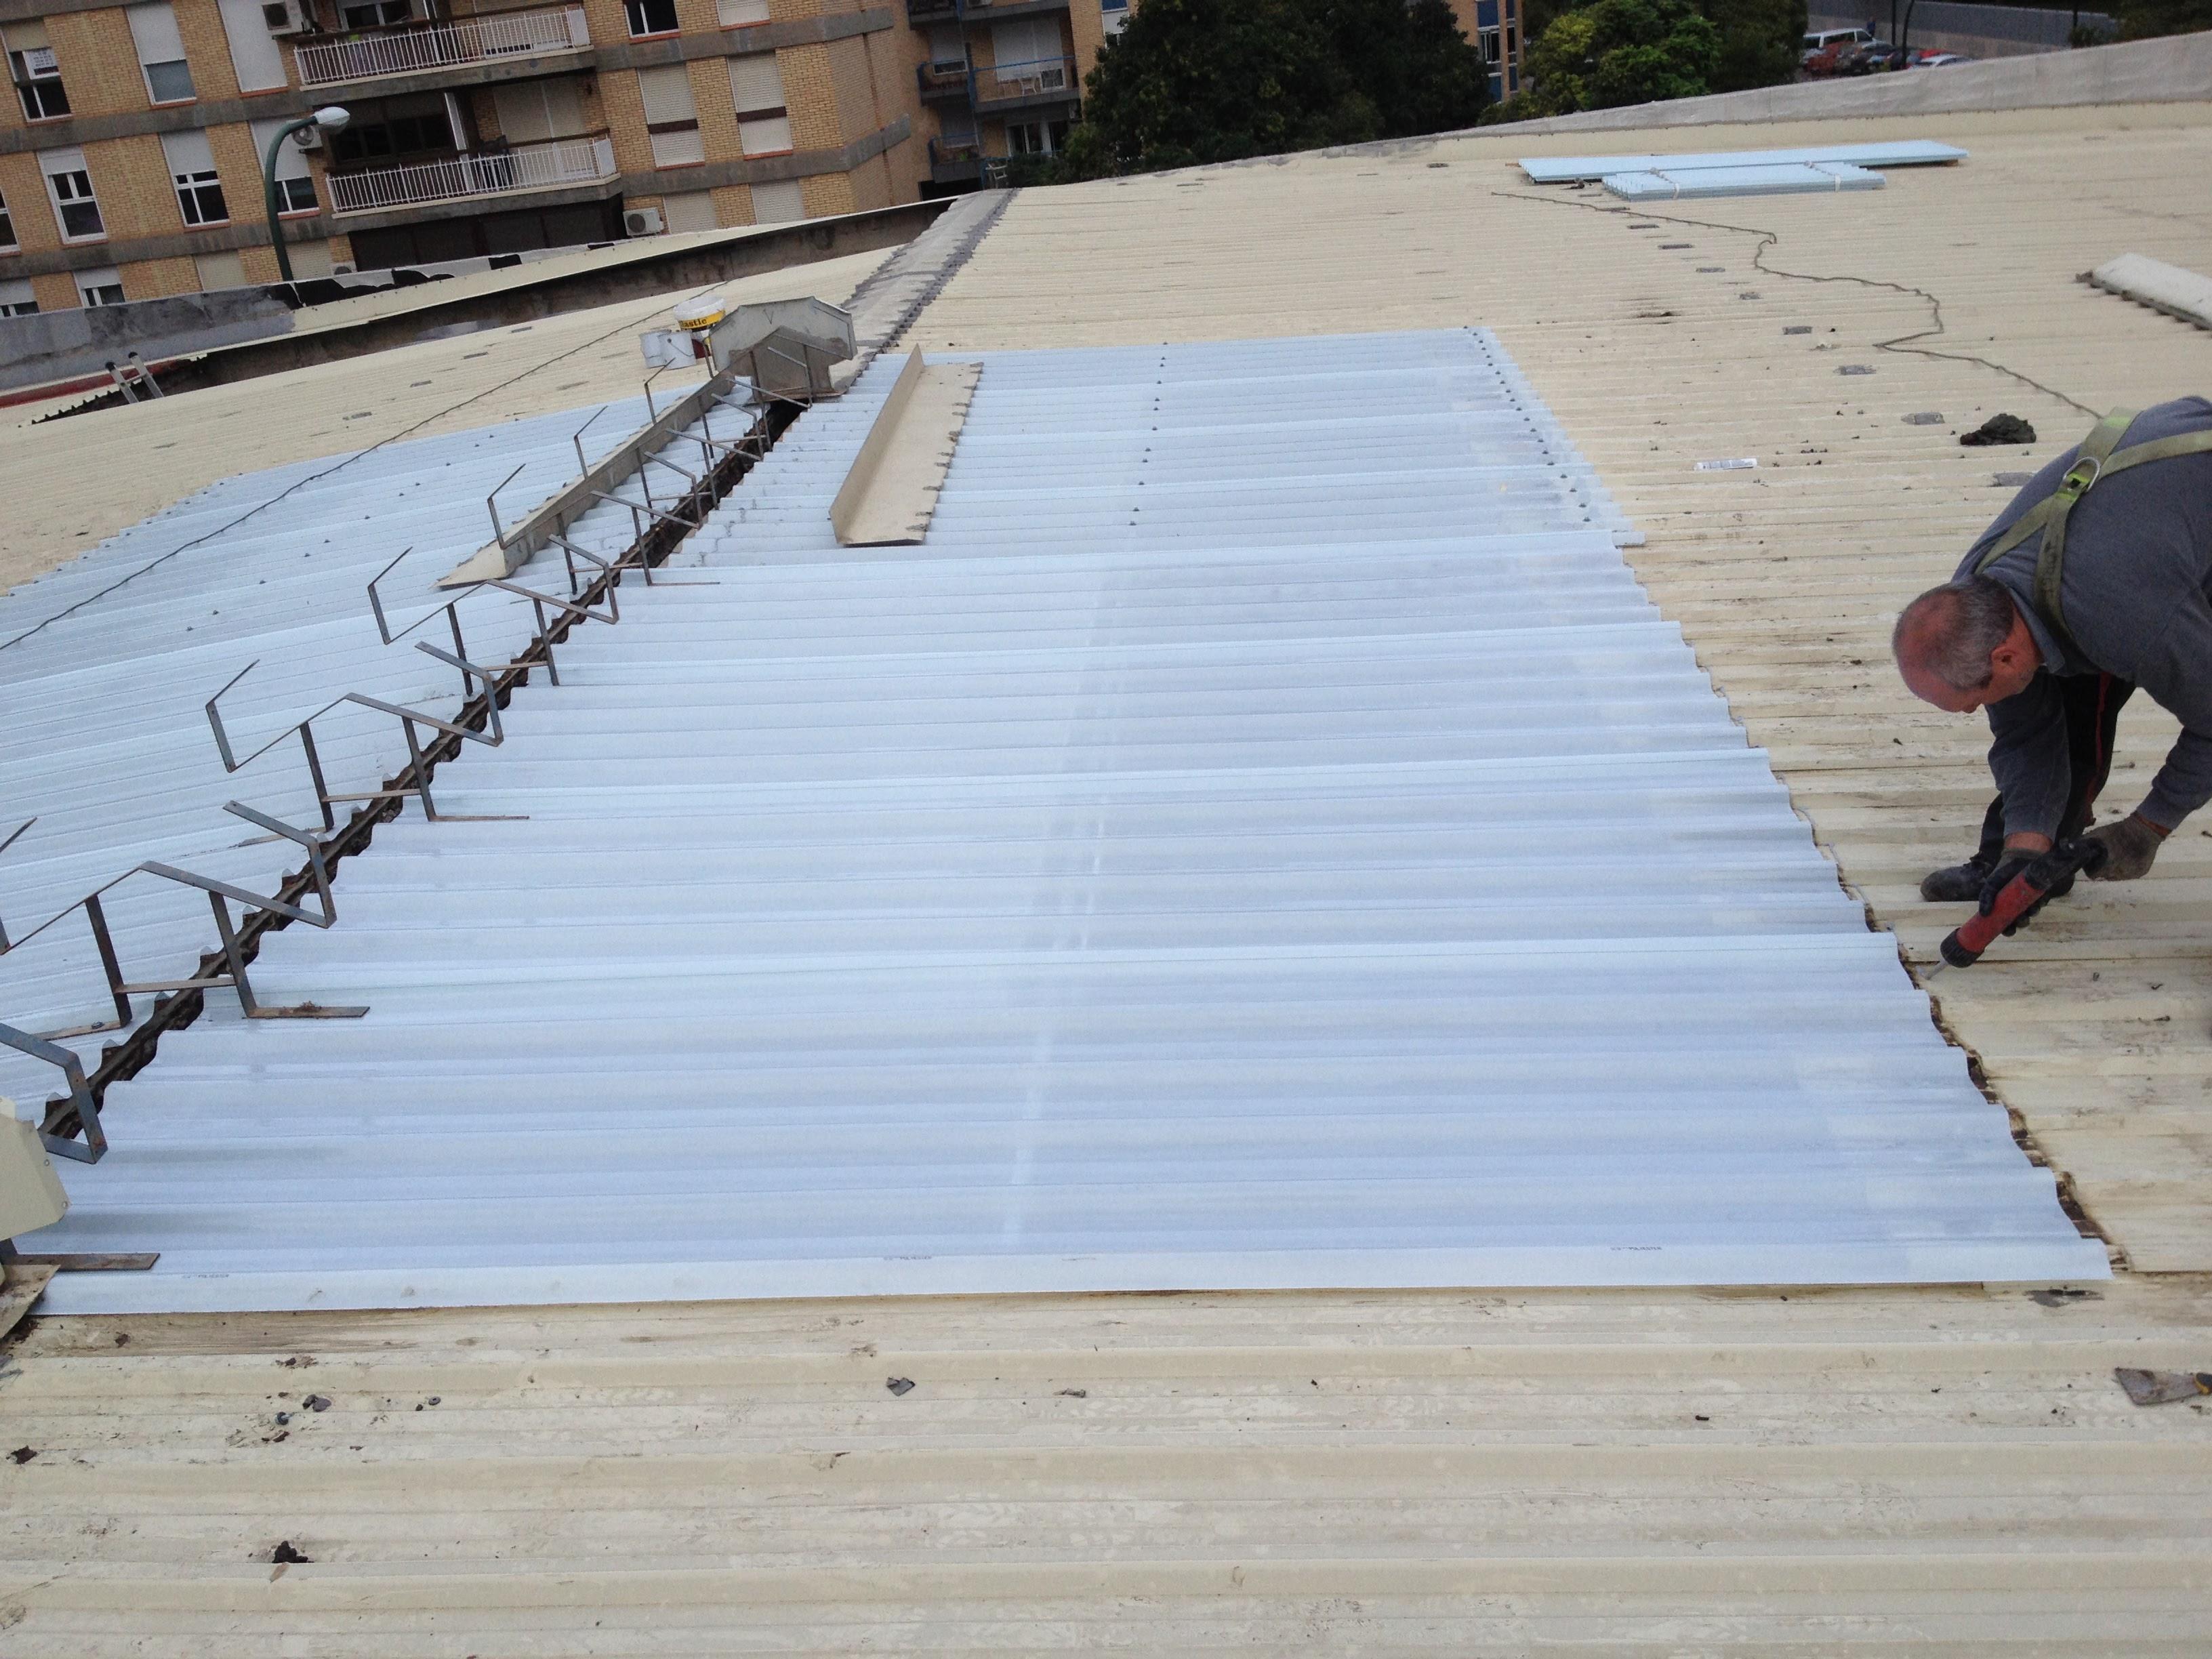 Sustitución de translúcidos en cubierta desmontaje y montaje de aireadores. Oficinas Real Zaragoza